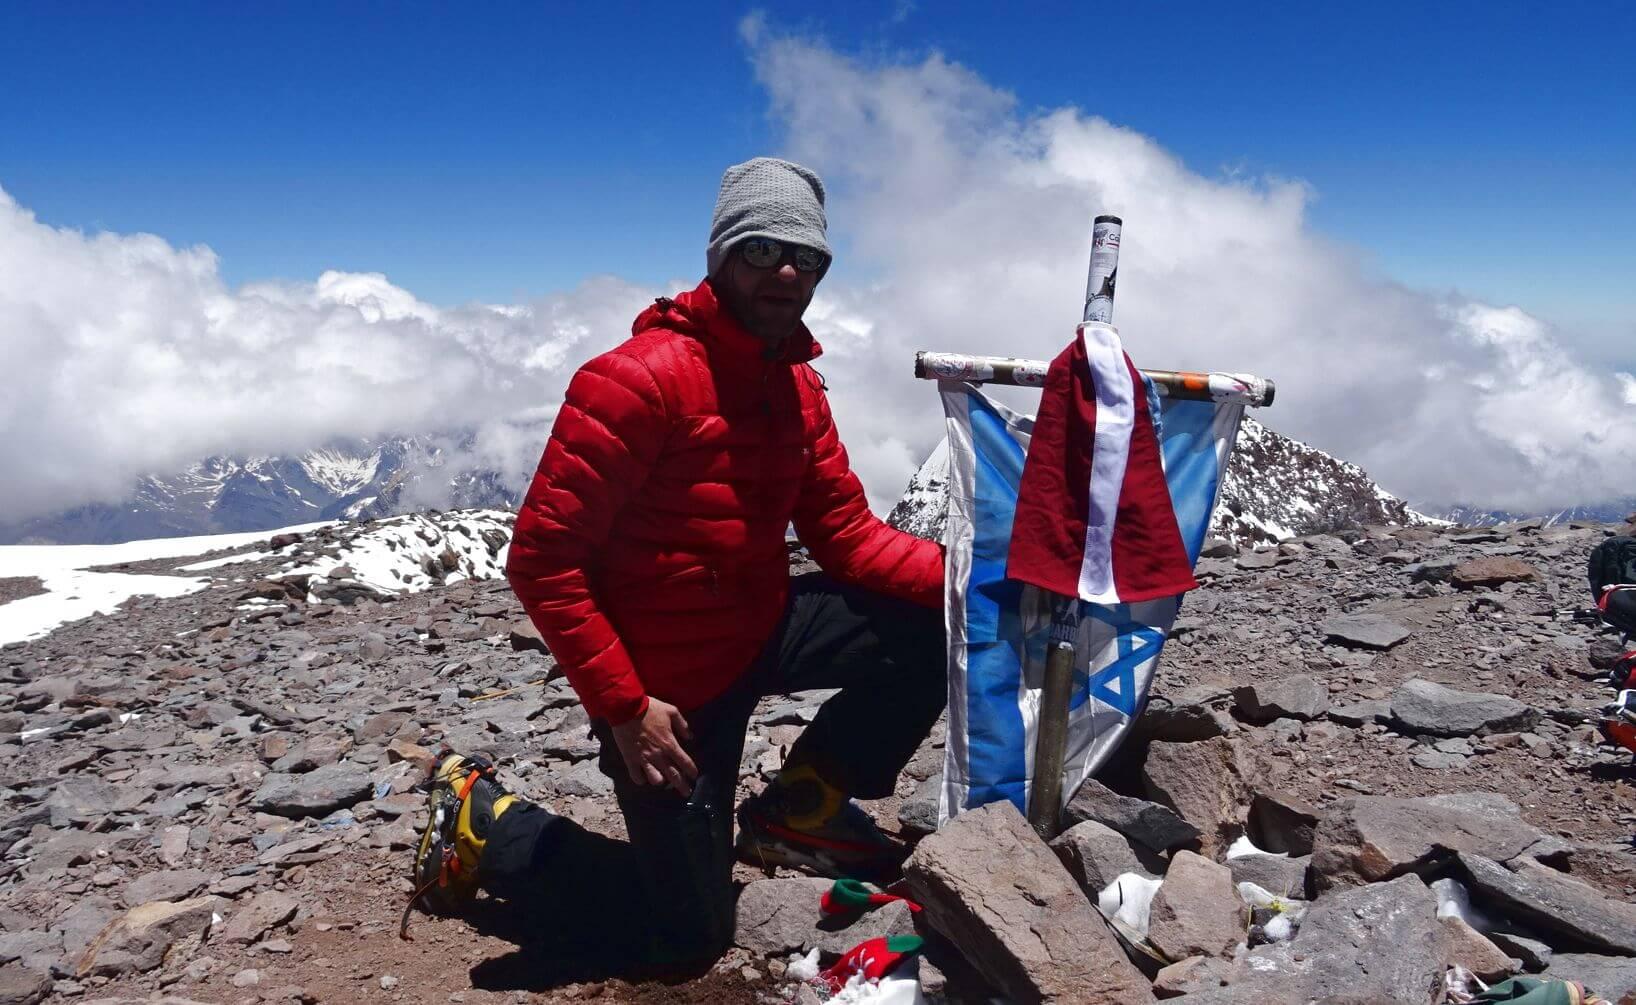 Nicolas auf dem Gipfel des Aconcagua